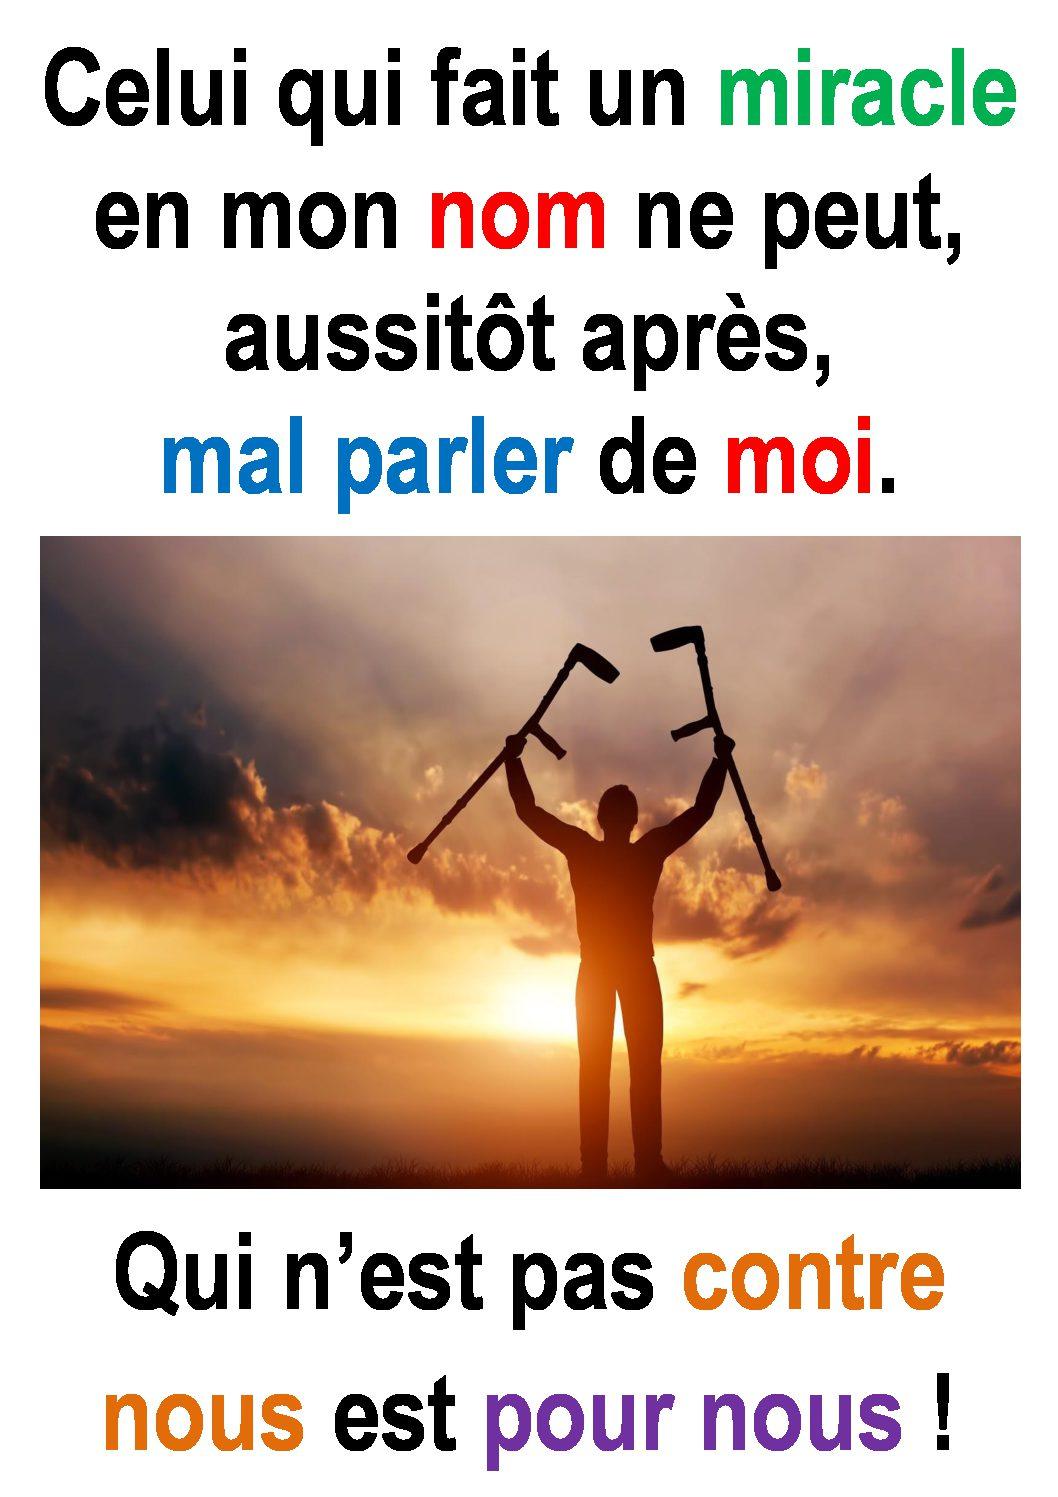 26ième Dimanche du Temps Ordinaire – par Francis COUSIN (Marc 9, 38-43.45.48)